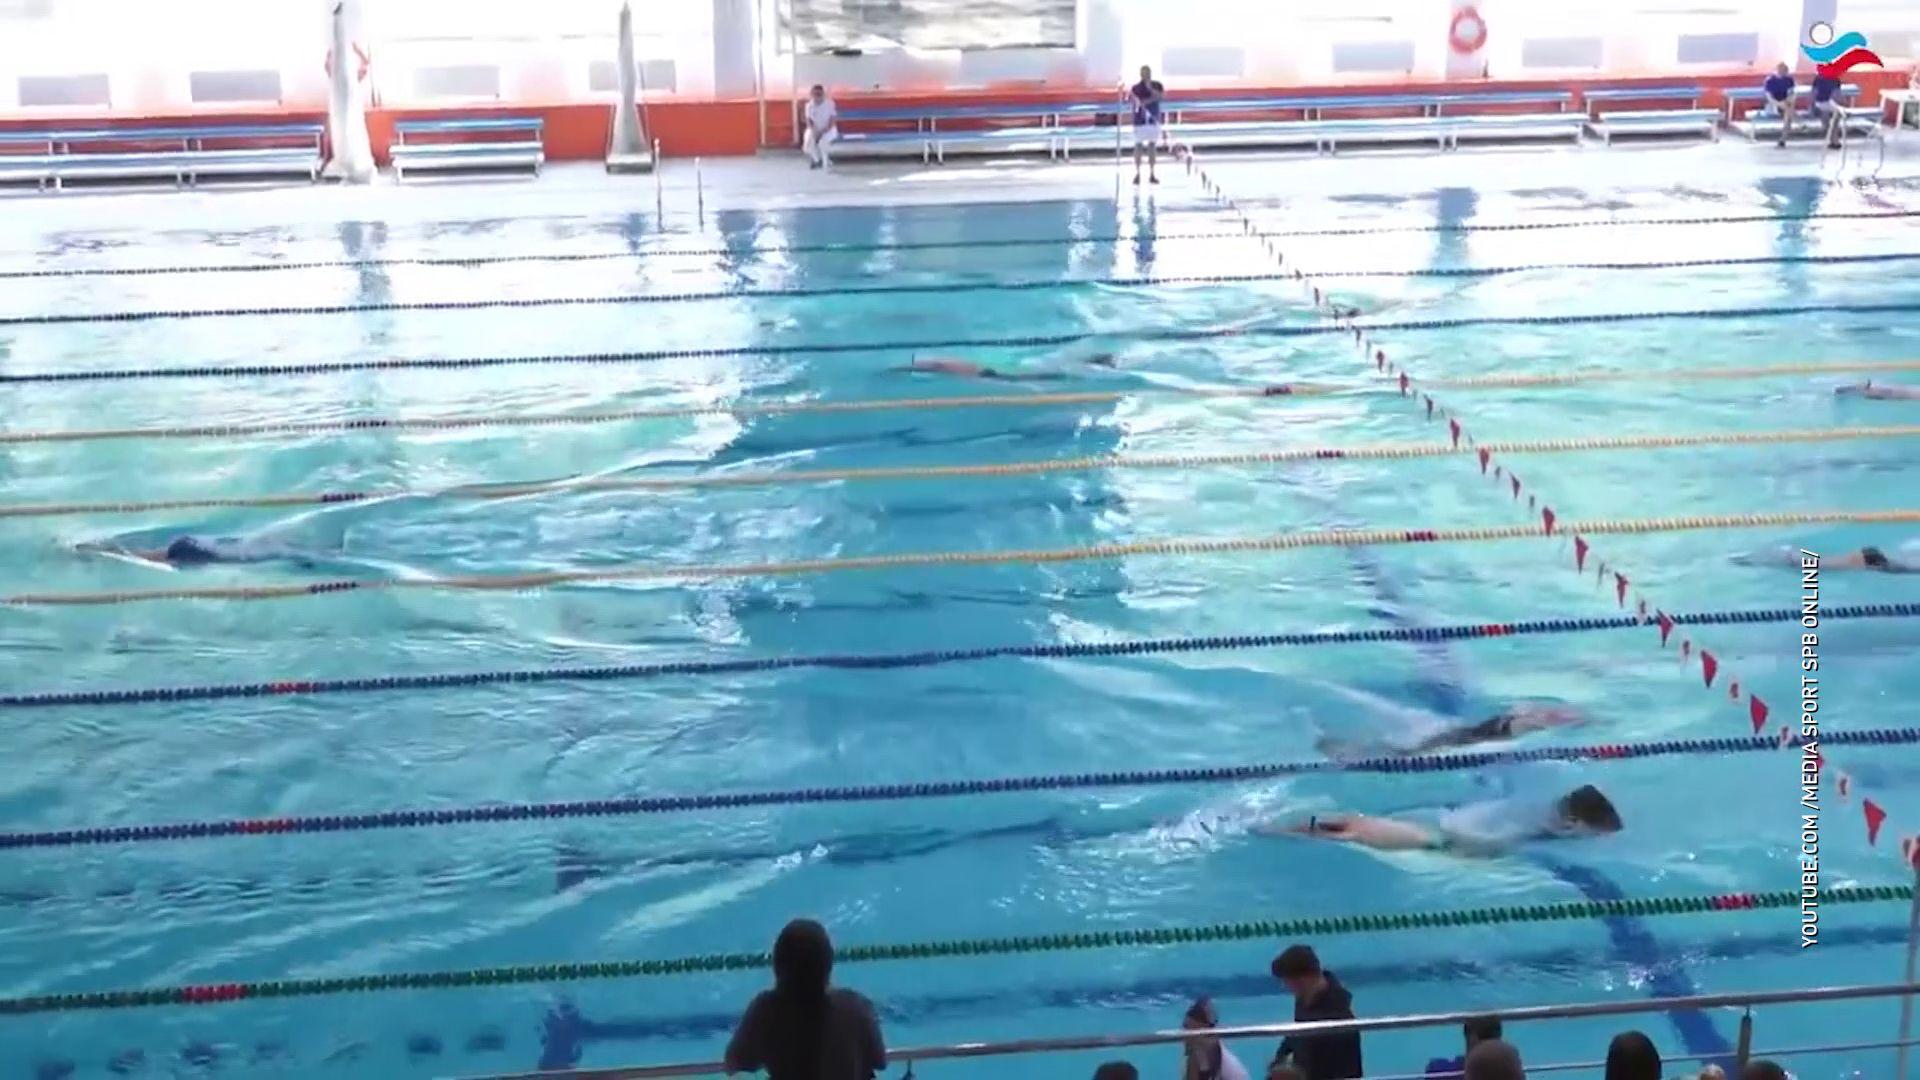 Ярославские пловцы заняли третье место на чемпионате России